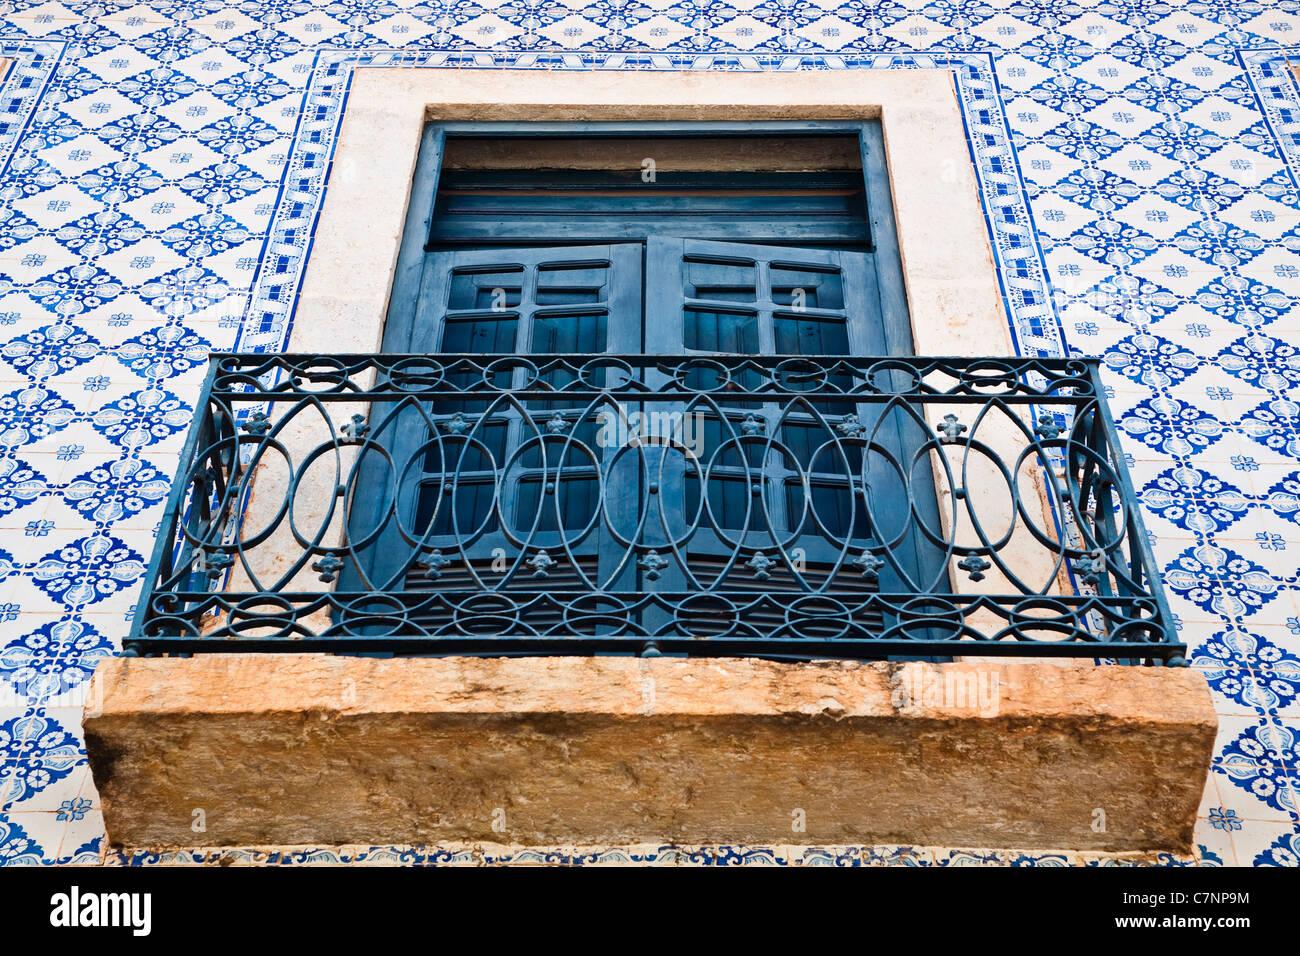 Sobrados De Dos Pisos Casas Coloniales Con Fachadas De Azulejos